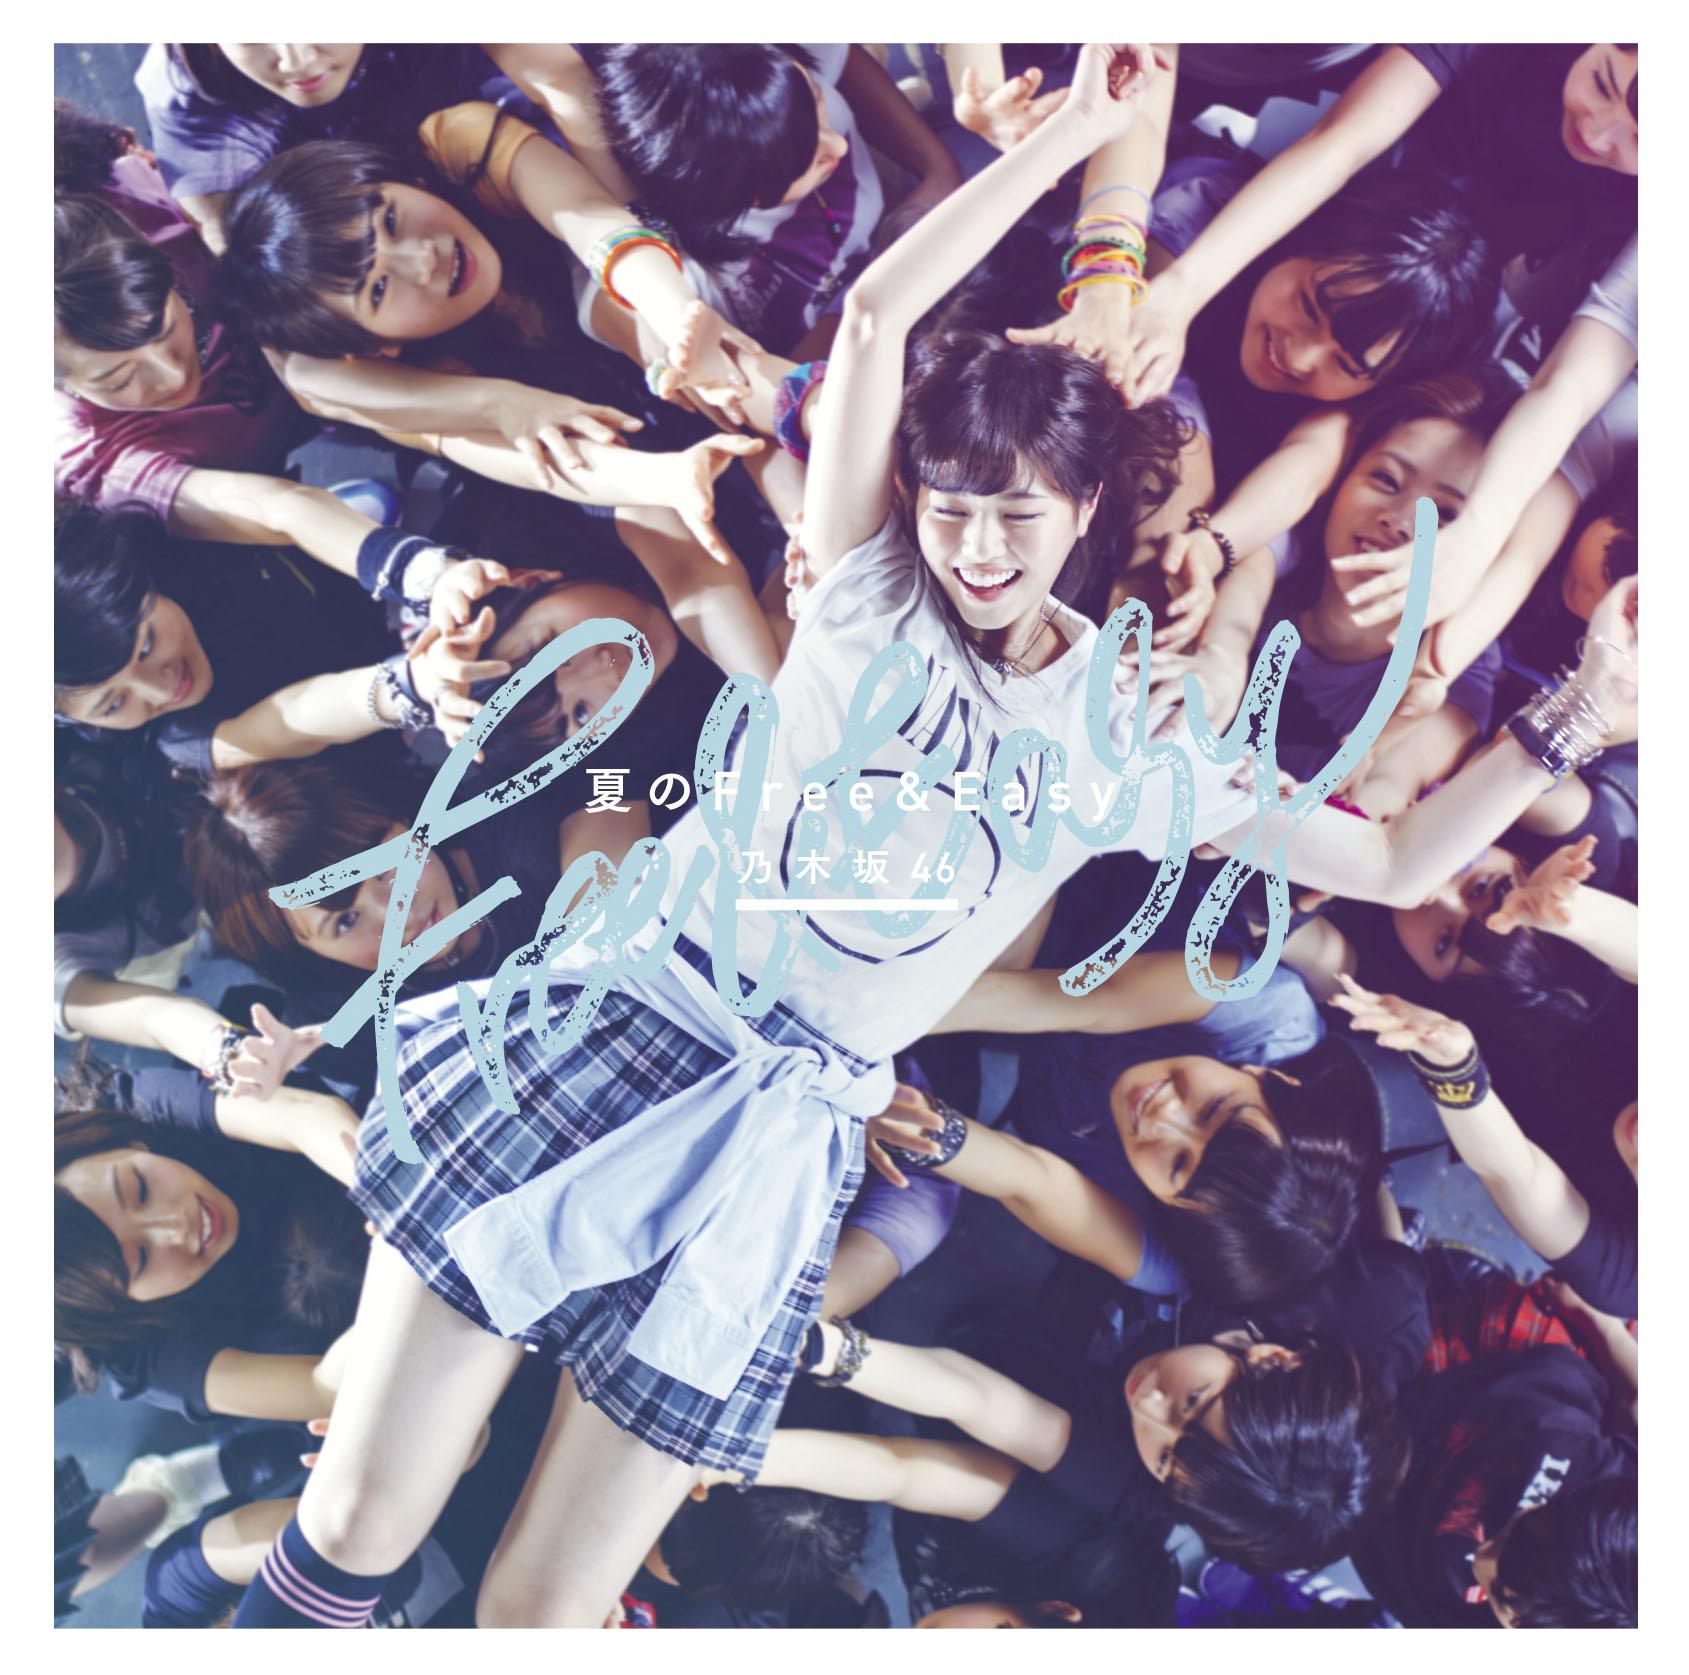 乃木坂46、14年7/10(木)のメディア情報「週刊ヤングジャンプ」「週刊少年チャンピオン」「Rolling Stone 日本版」